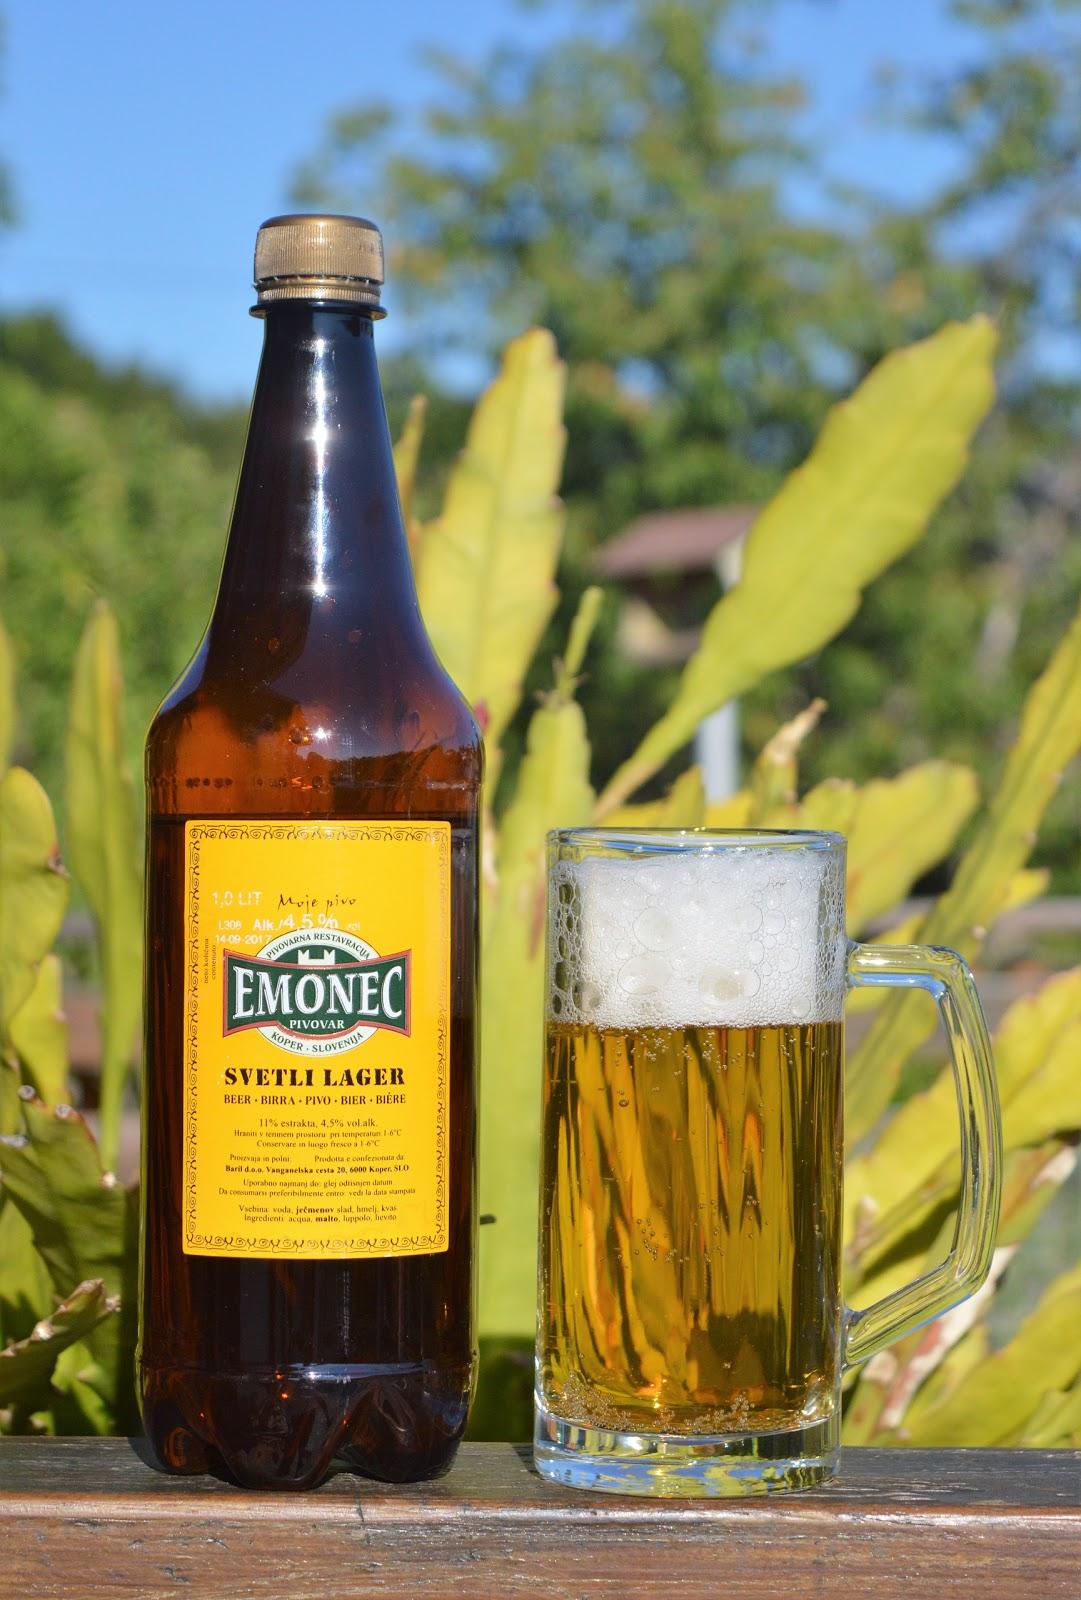 domače pivo Emonec